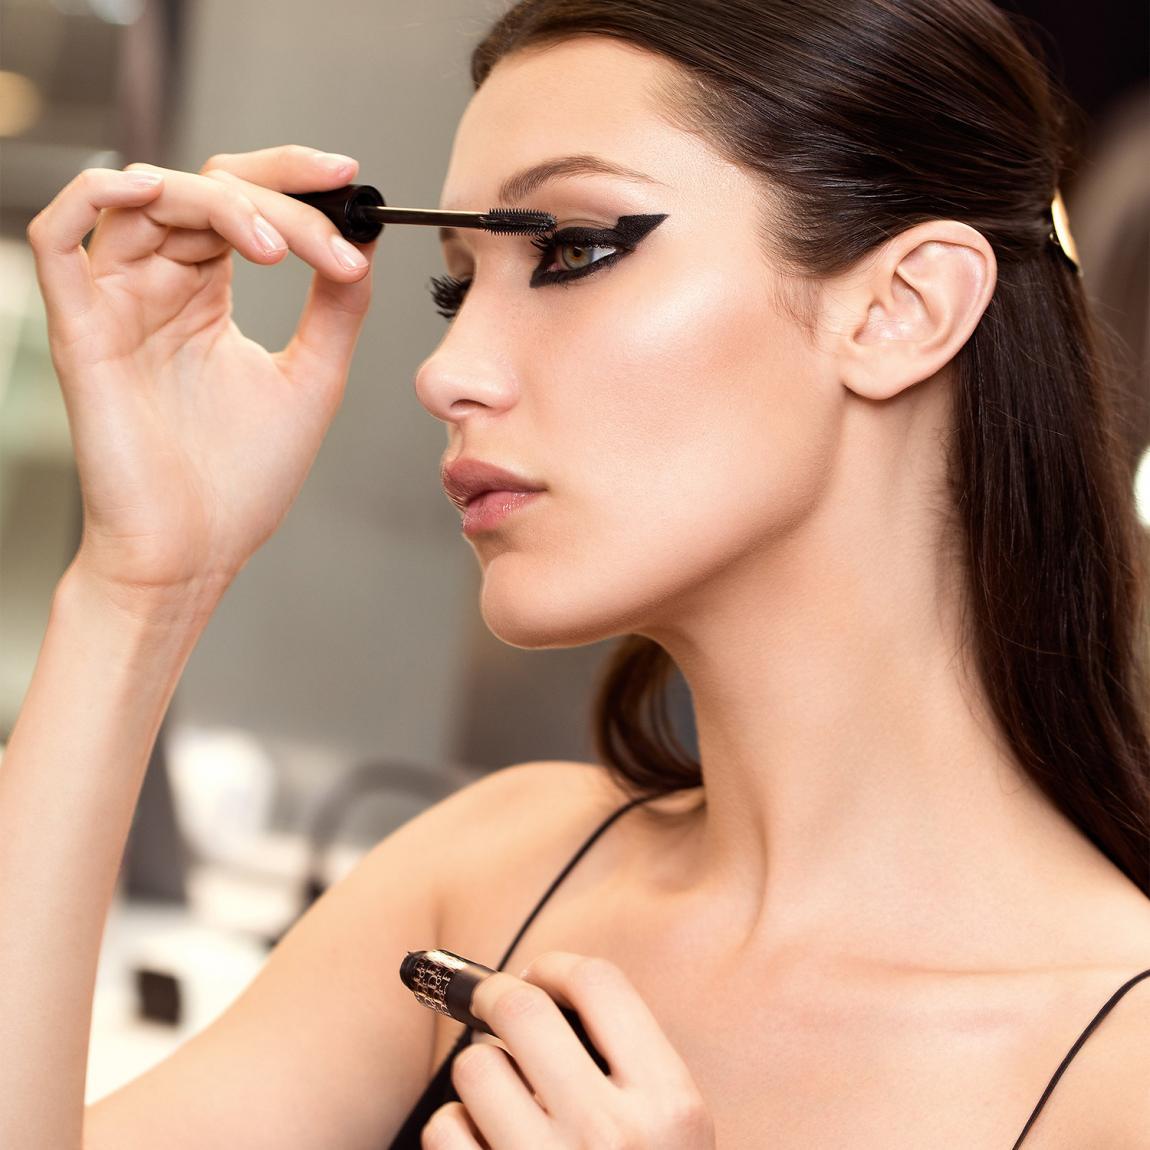 Новий сенсаційний макіяж від Dior